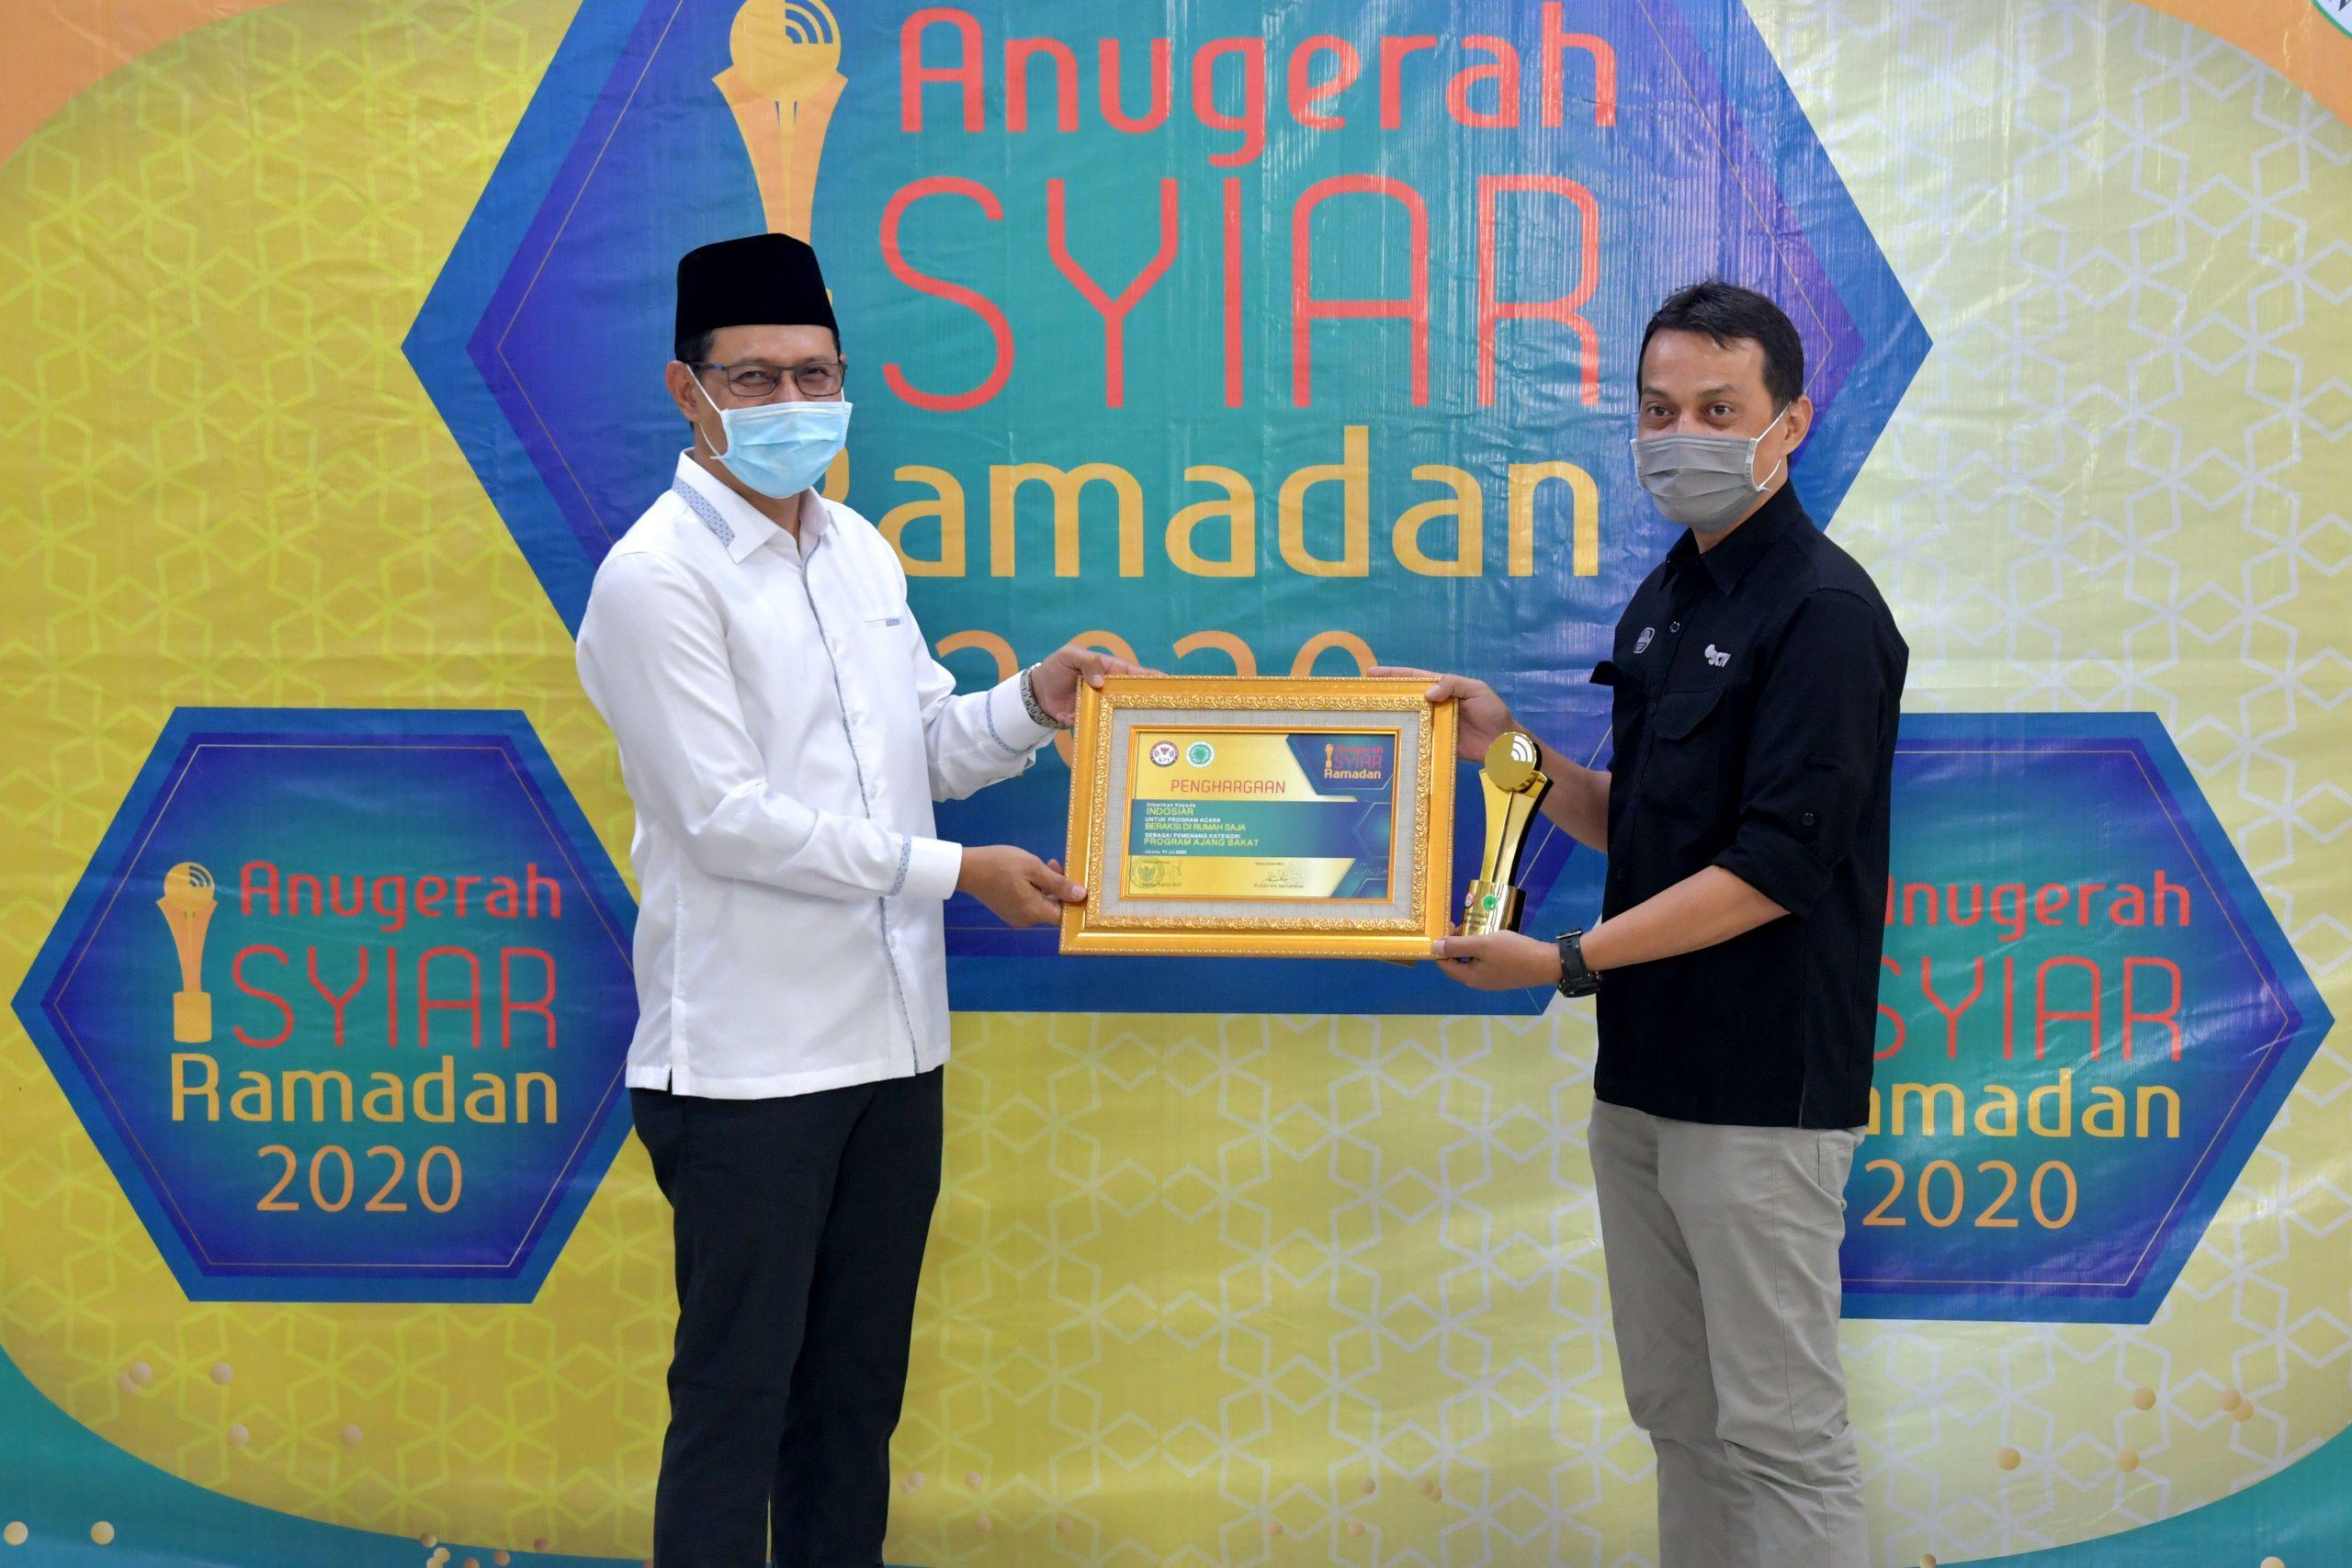 Anugerah Syiar Ramadan 2020